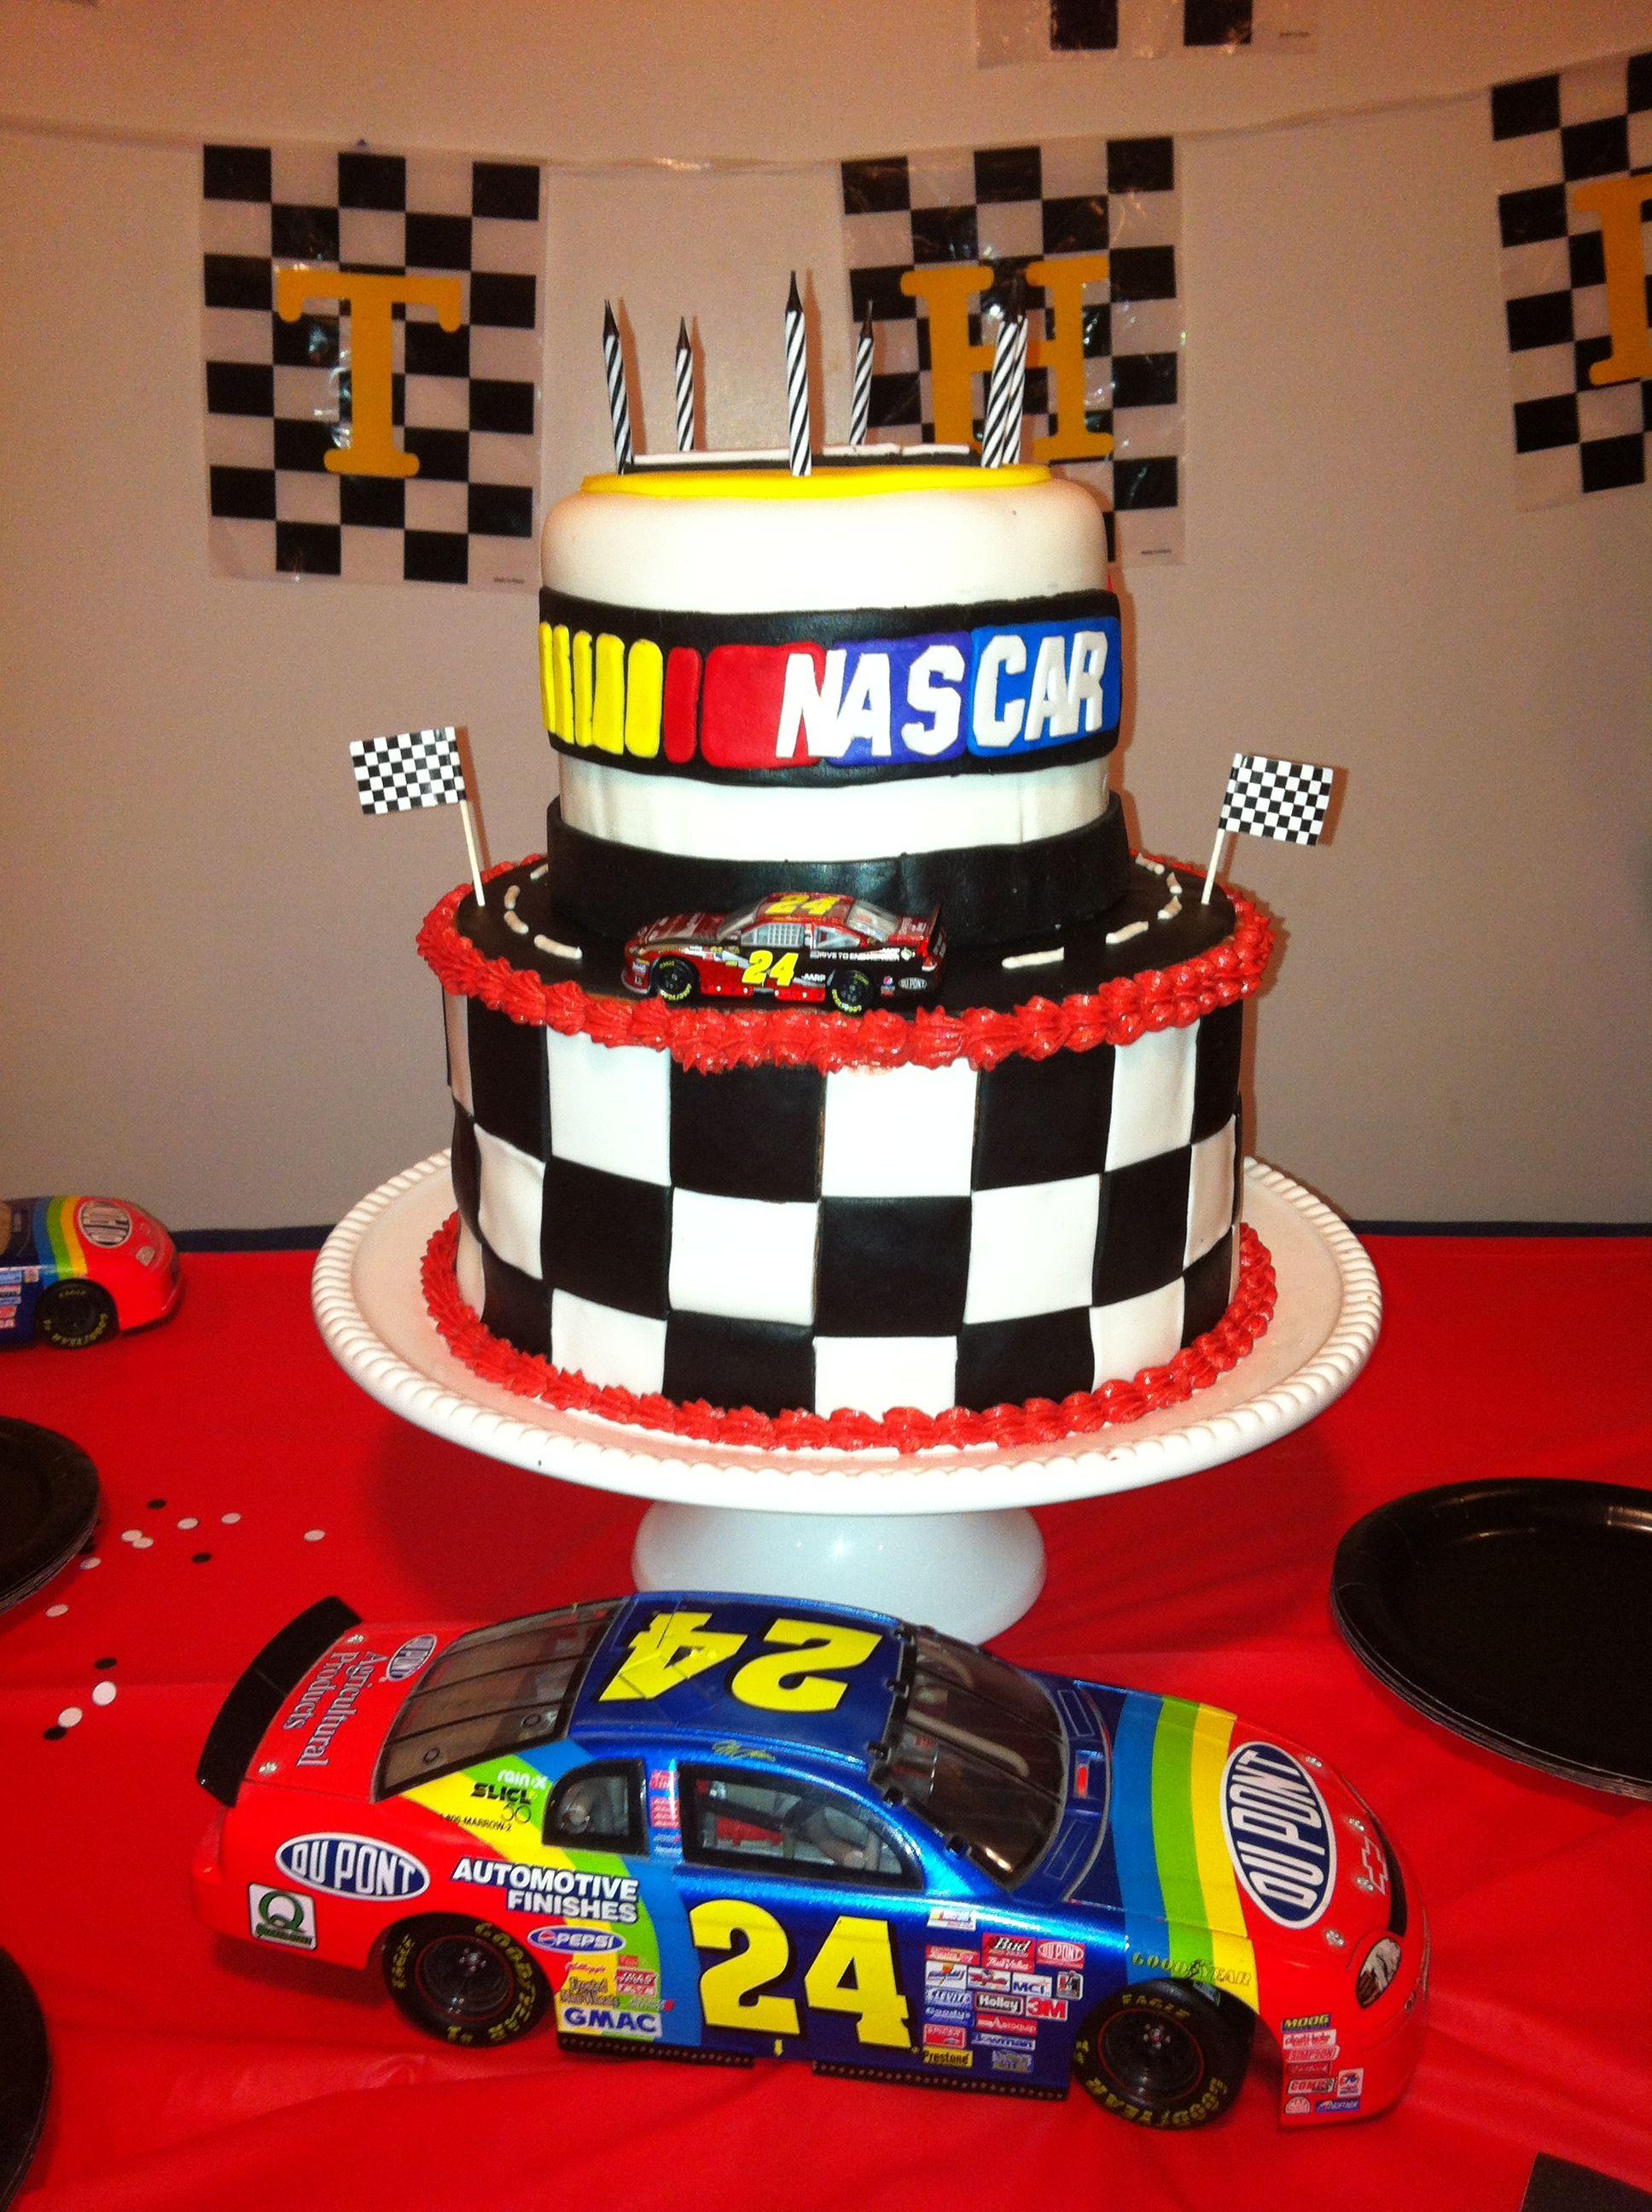 Nascar Cake. Jeff Gordon. Nascar. Madicakes. Madison